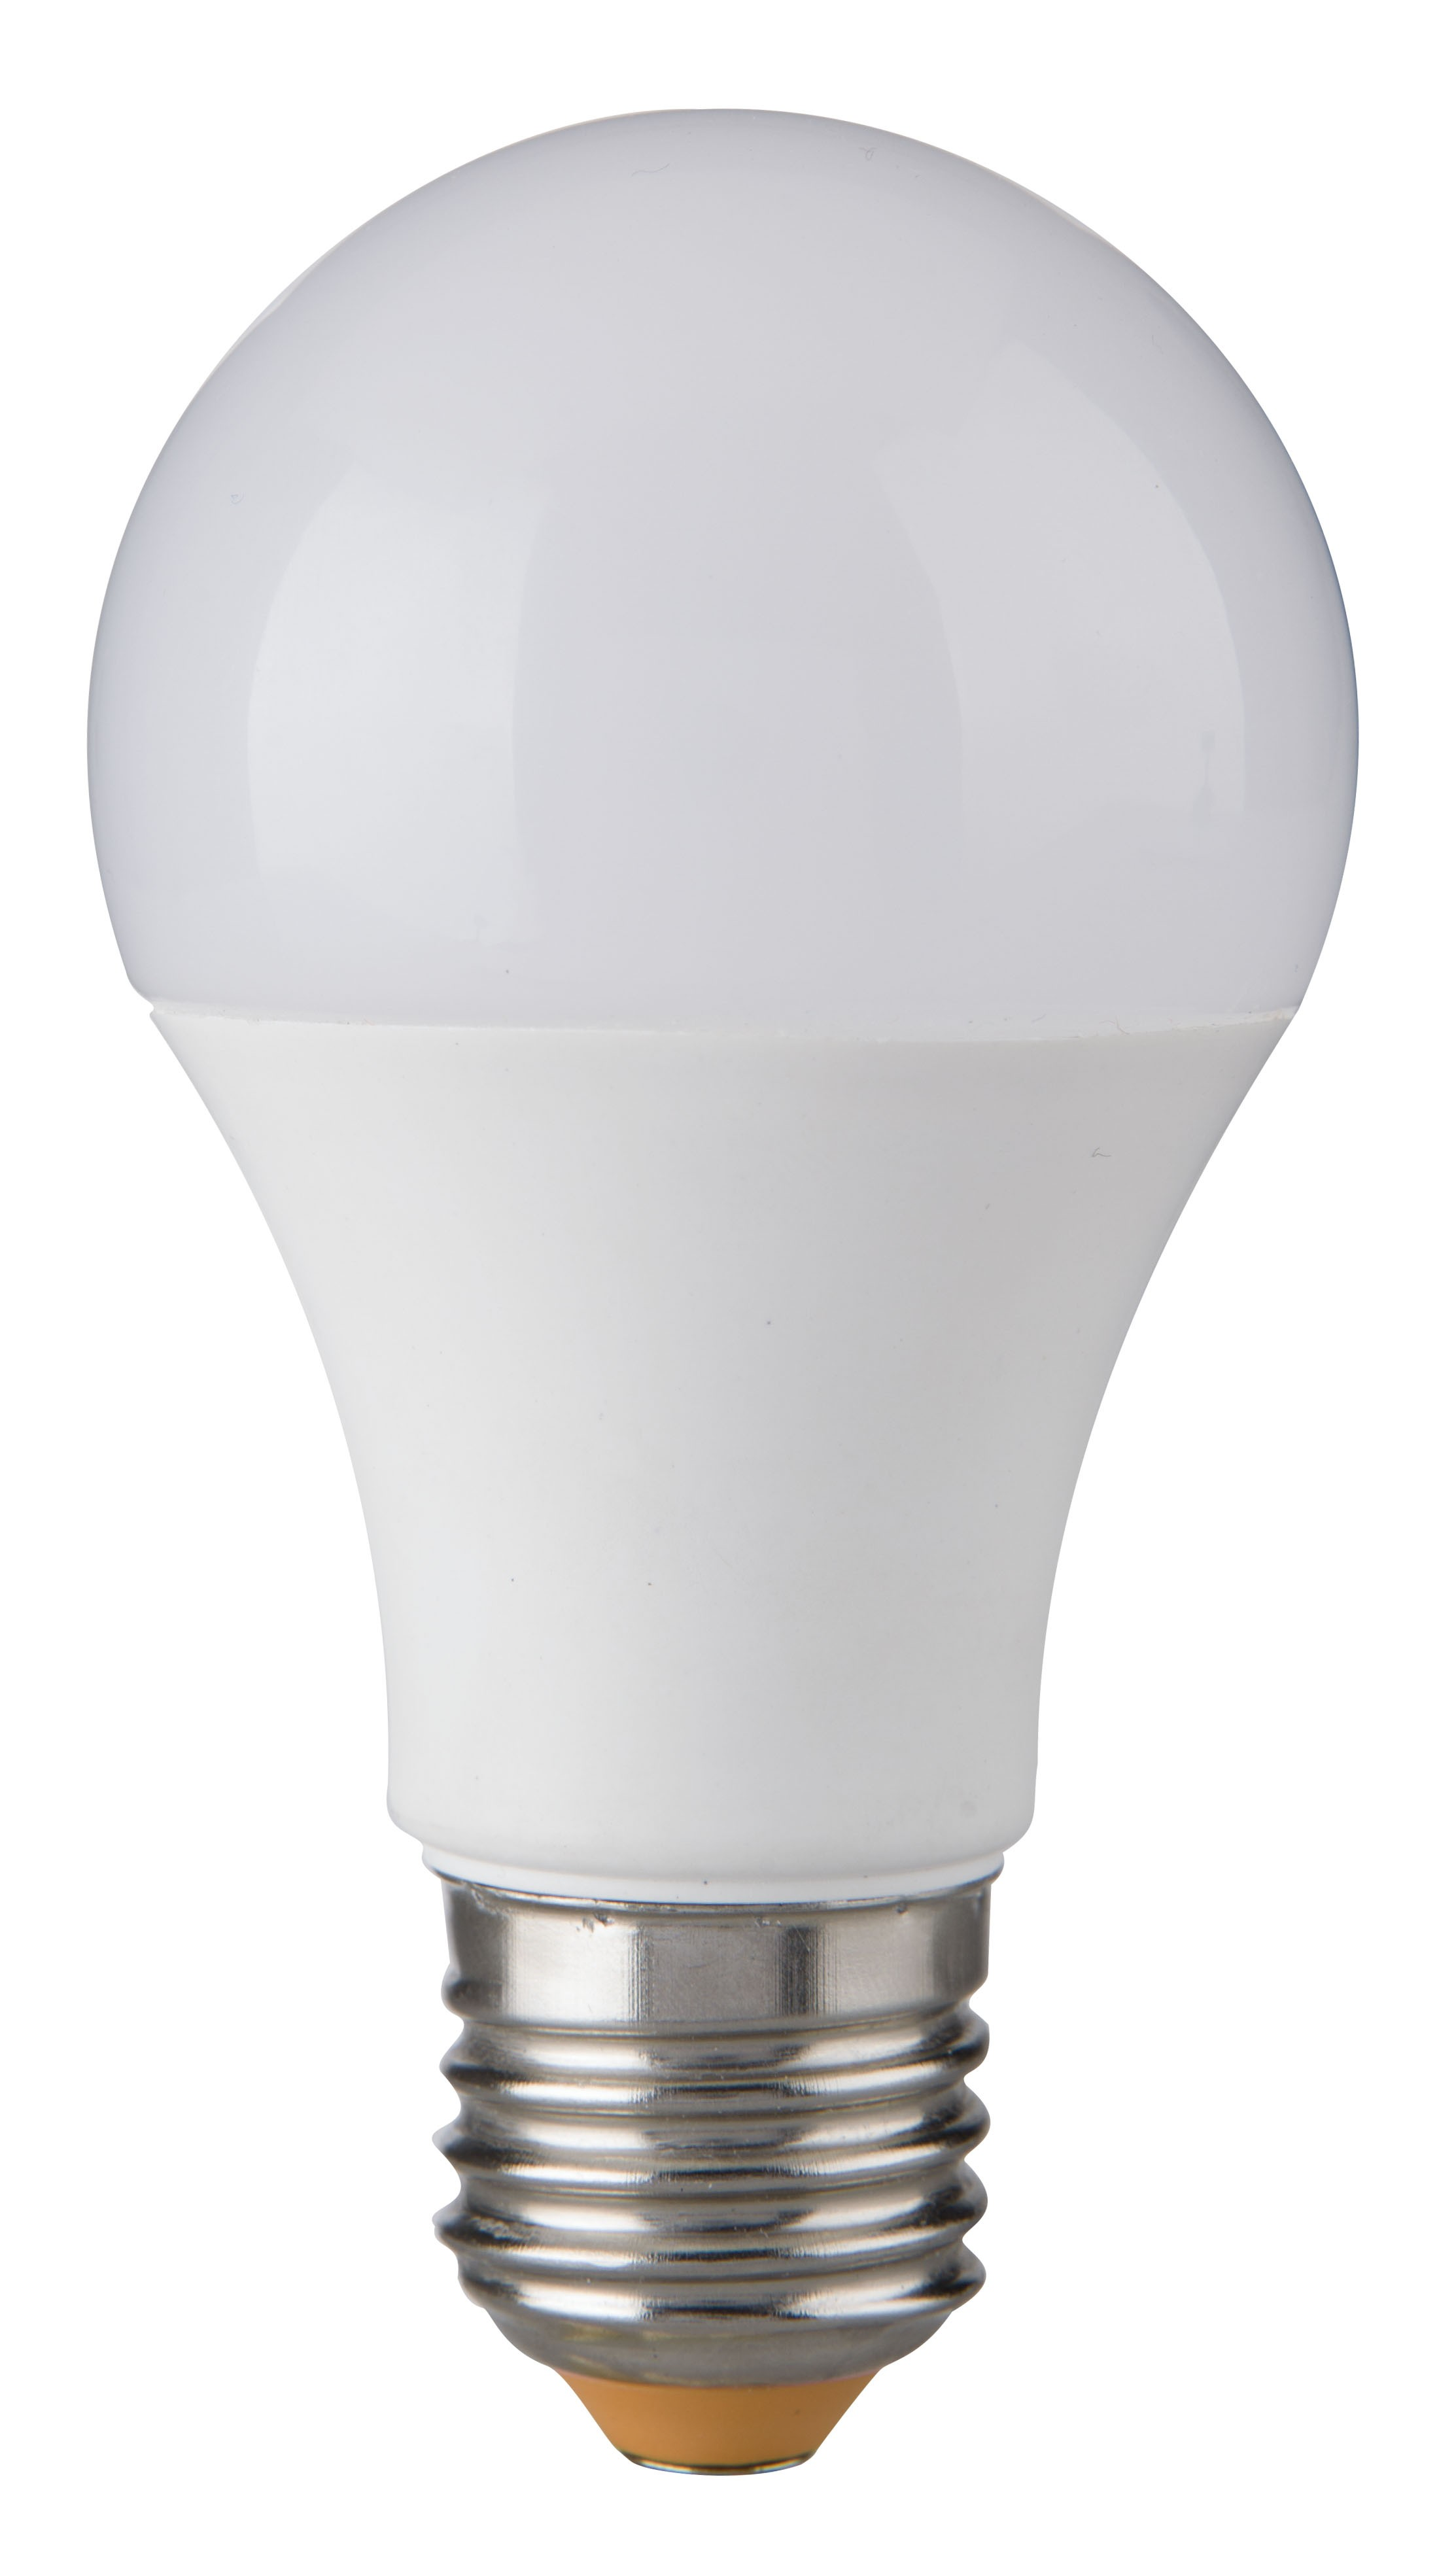 Bombillas led c mo elegir una bombilla led para ahorrar en - Caracteristicas bombillas led ...